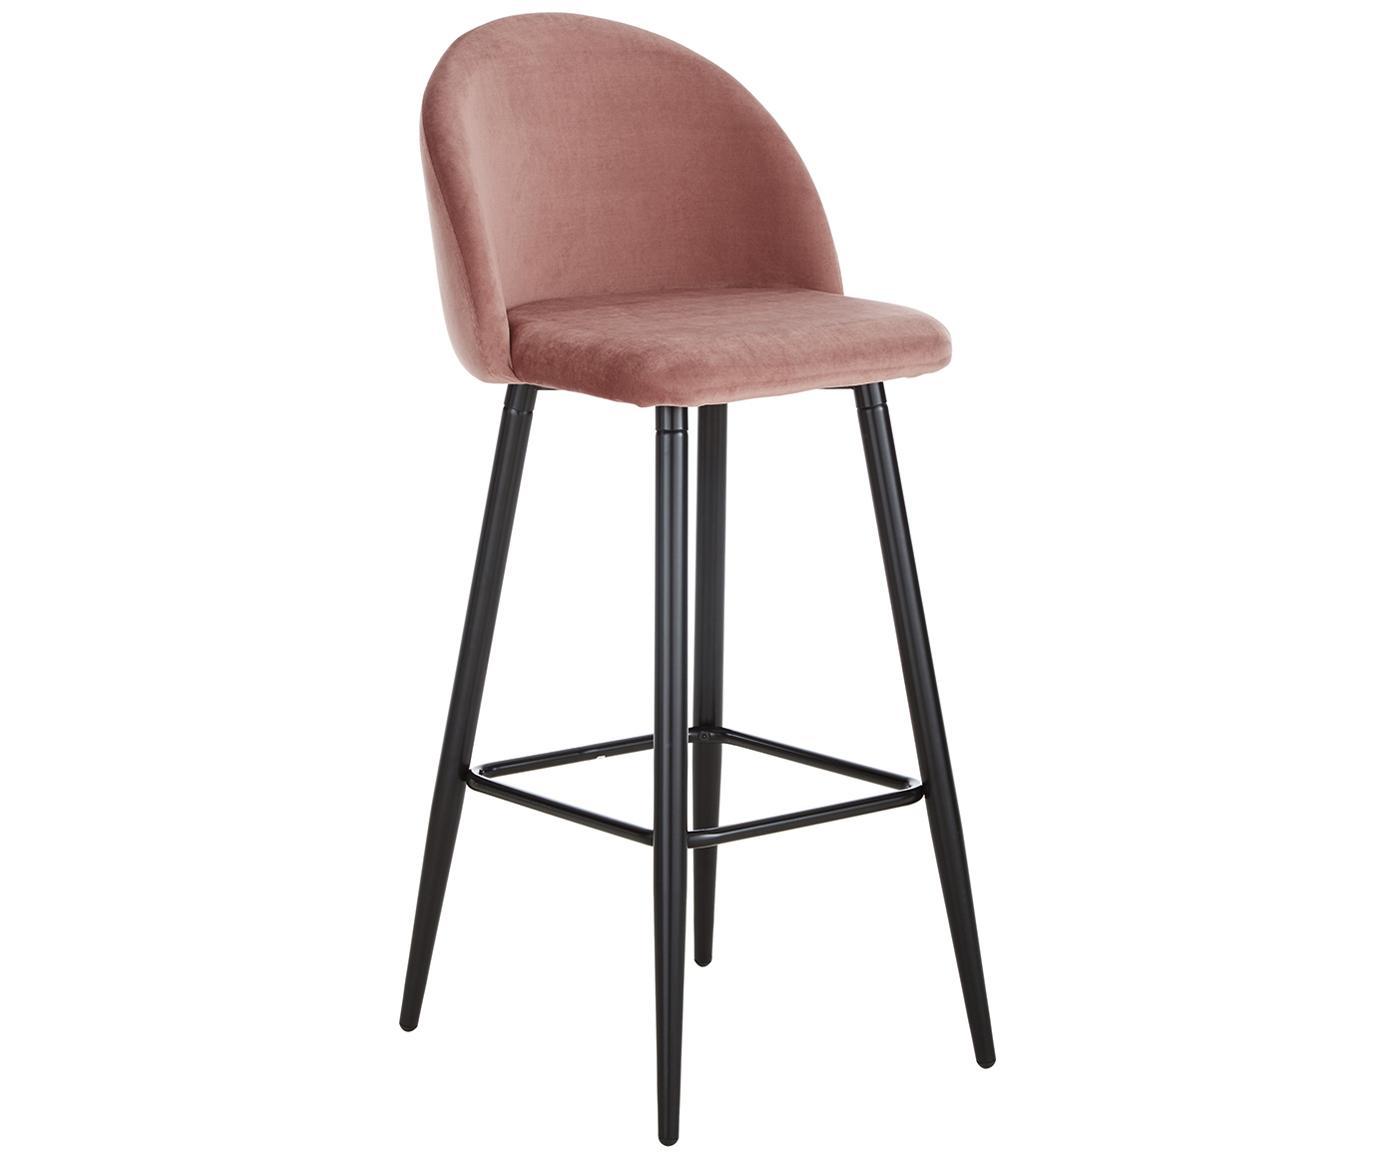 Taburete de bar de terciopelo Amy, Tapizado: terciopelo (poliéster) Re, Patas: metal con pintura en polv, Tapizado: rosa Patas: negro mate, An 45 x Al 103 cm